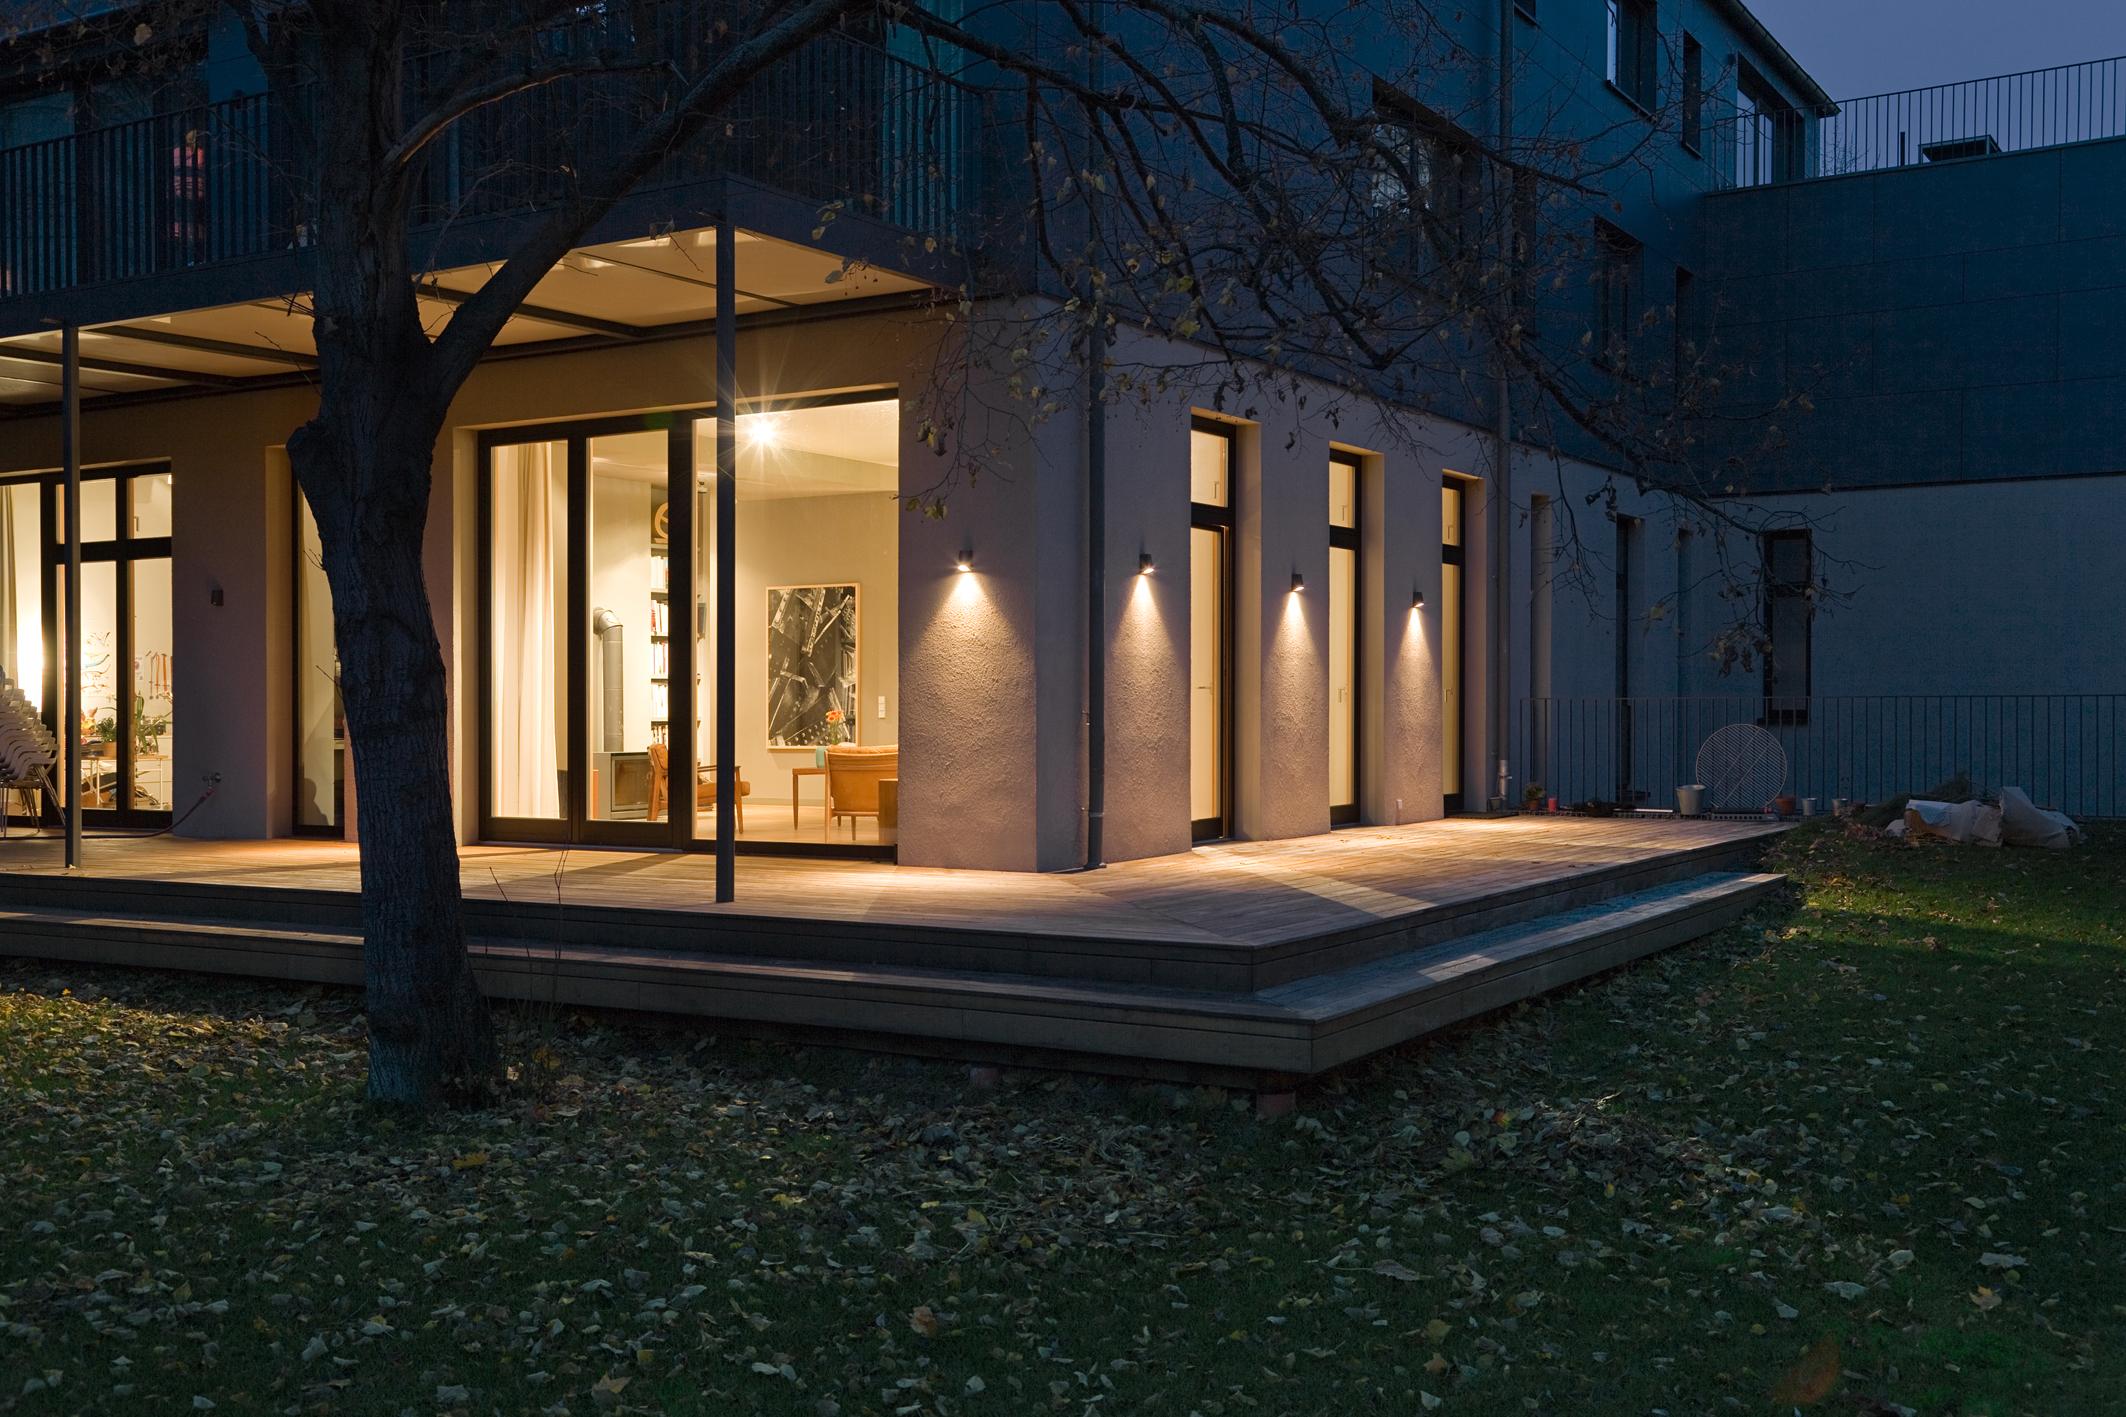 mehr schutz vor einbruch durch intelligente haussteuerung. Black Bedroom Furniture Sets. Home Design Ideas